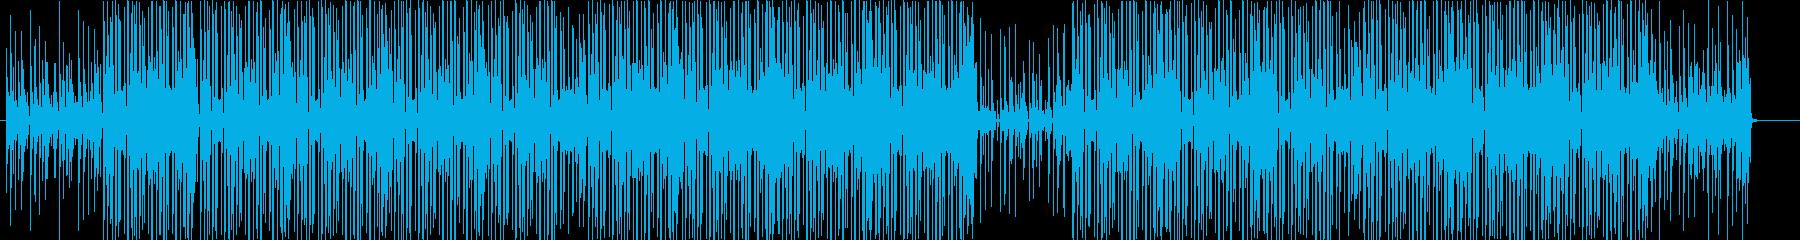 洋楽ラテン、レゲエ、トロピカルビート♫の再生済みの波形